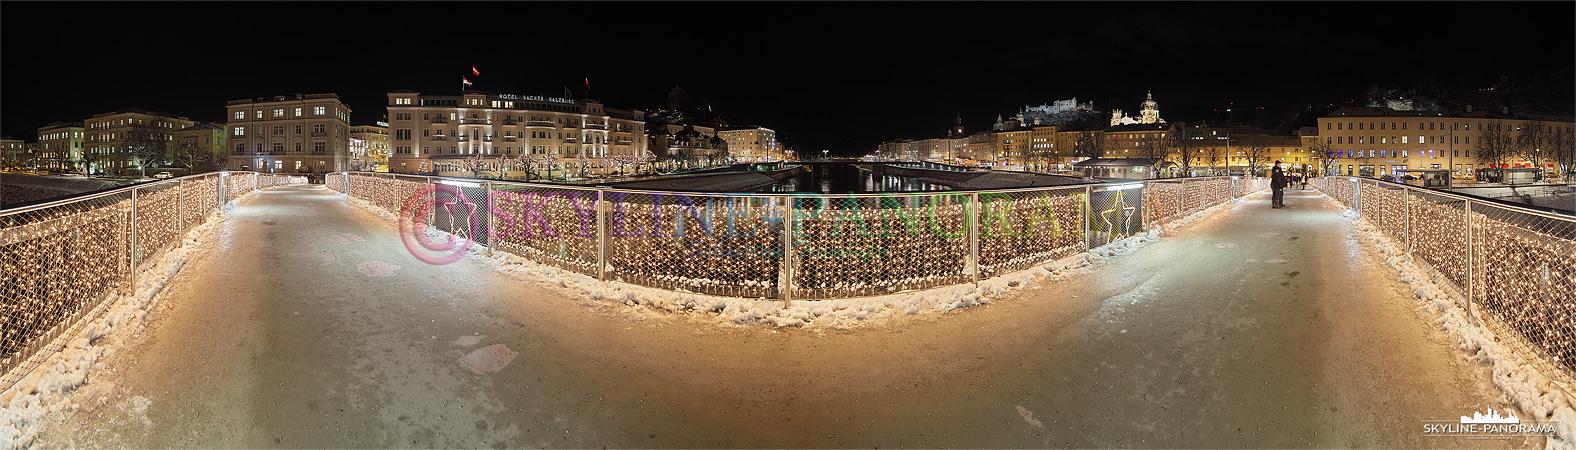 Bilder aus Österreich - Panoramablick vom weihnachtlich geschmückten Makartsteg über die Salzach in Salzburg, die Aufnahme wurde am Abend erstellt.